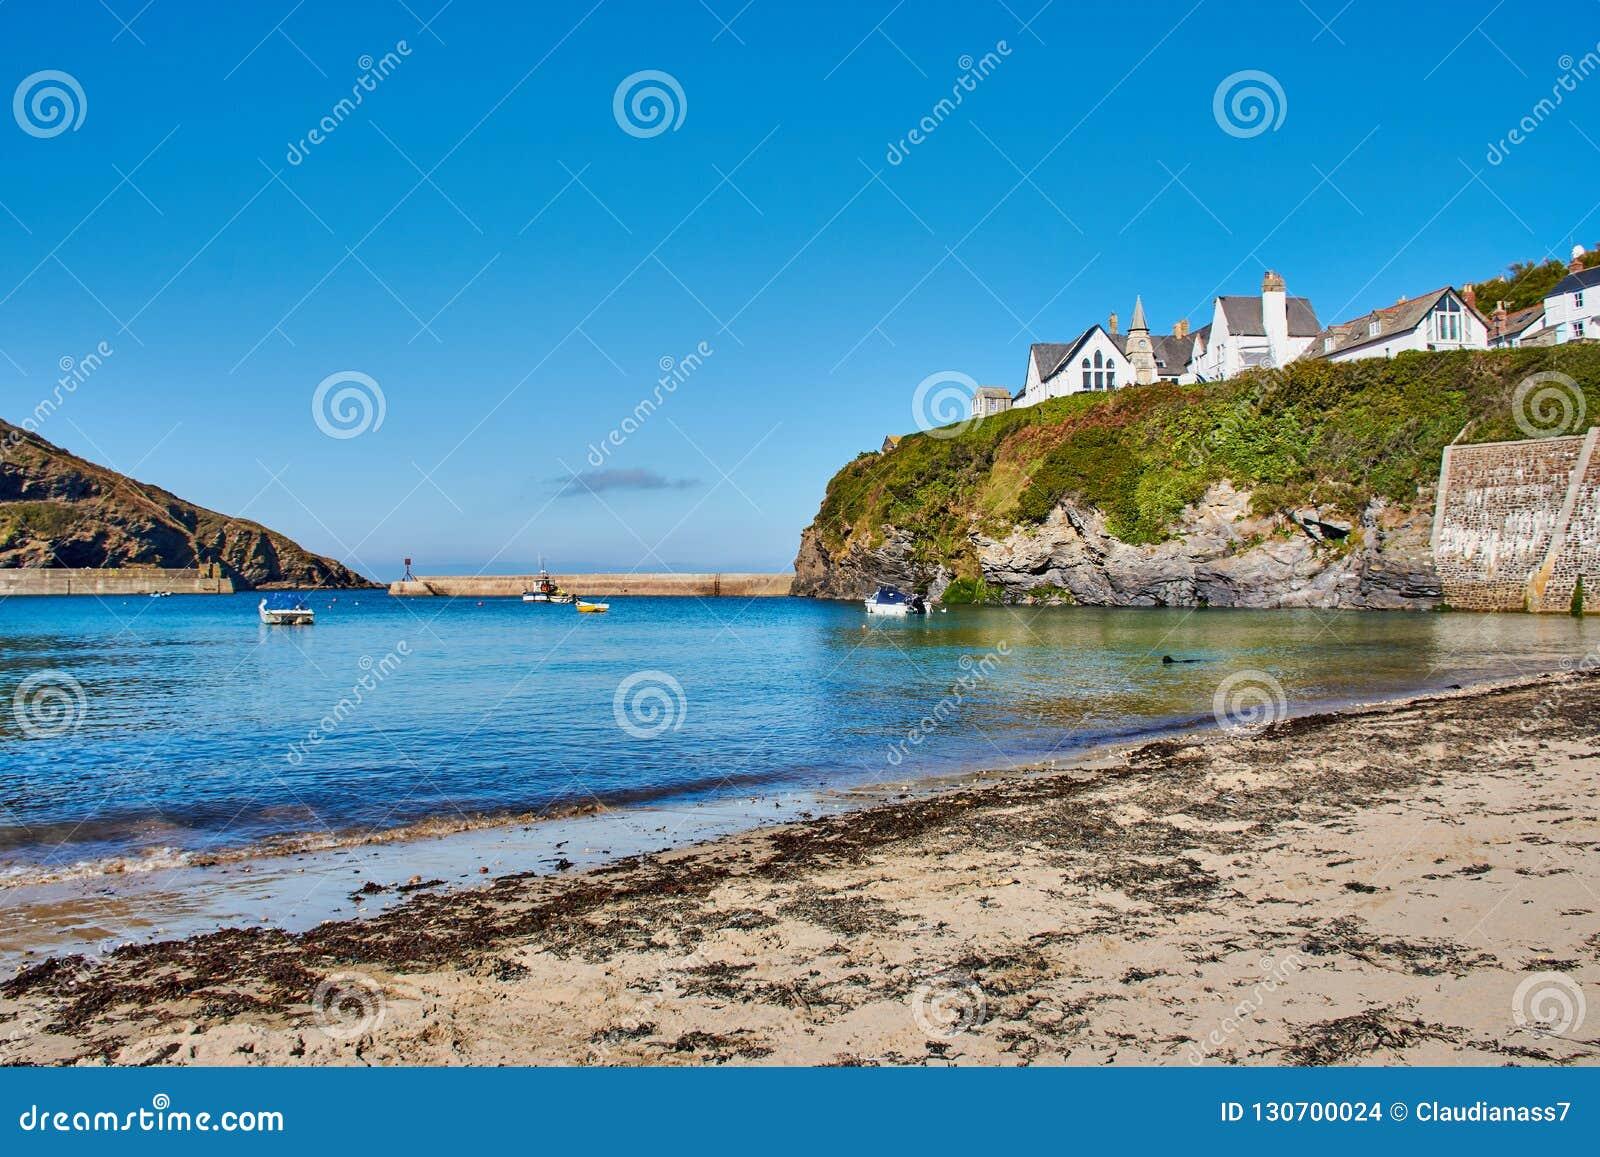 Strand av port Isaac, ett fiskeläge i norr Cornwall, England